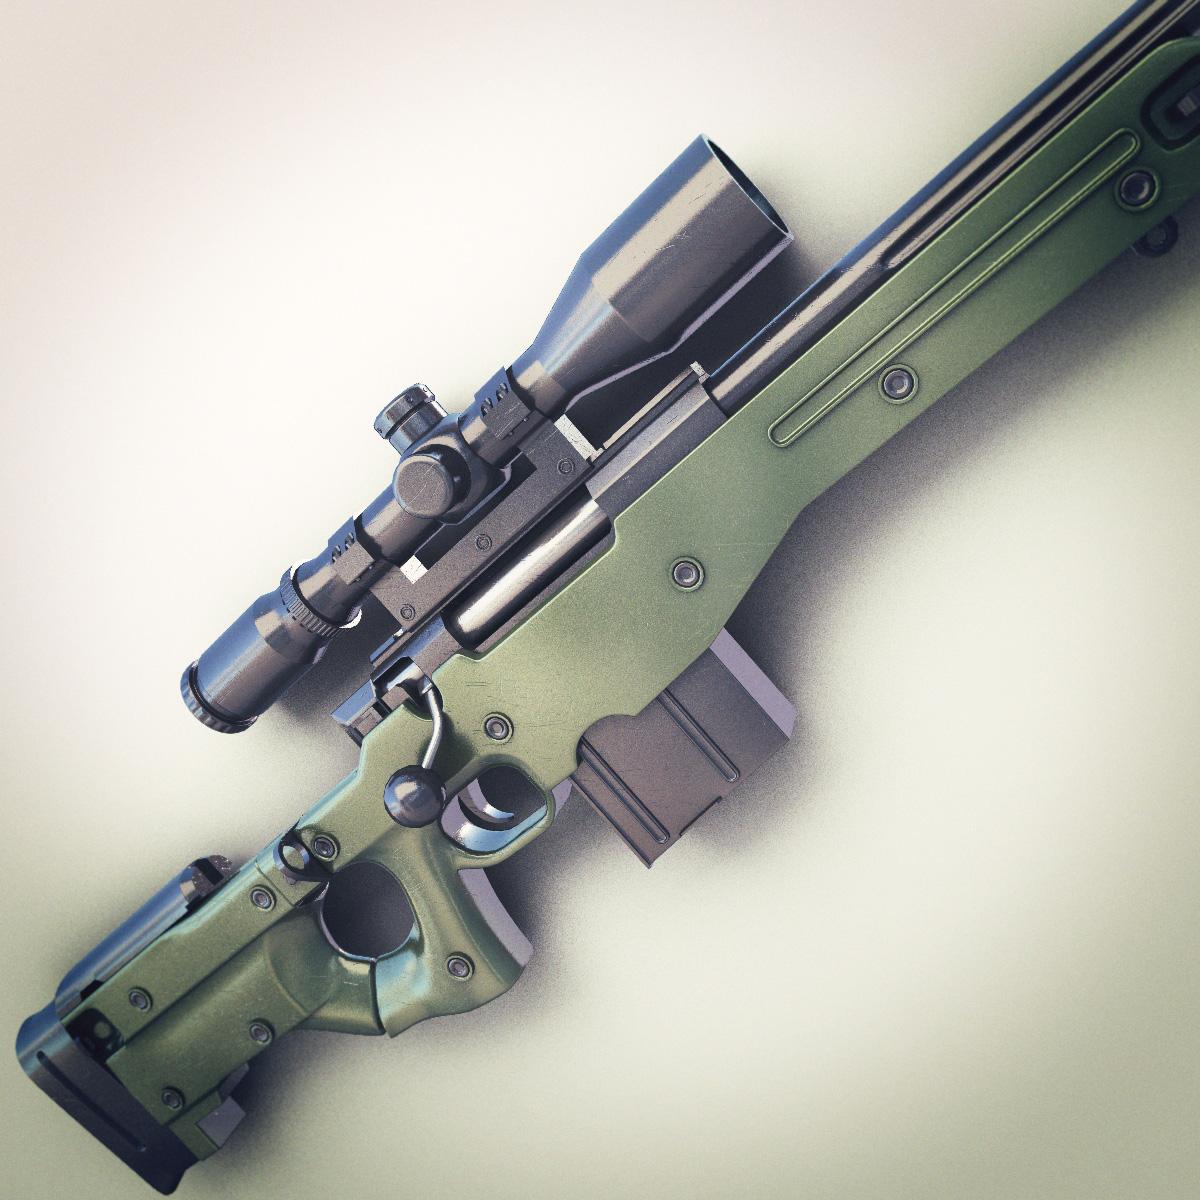 Awm Sniper Rifle Hi Res 3d Model Max Obj Fbx Lwo Lw